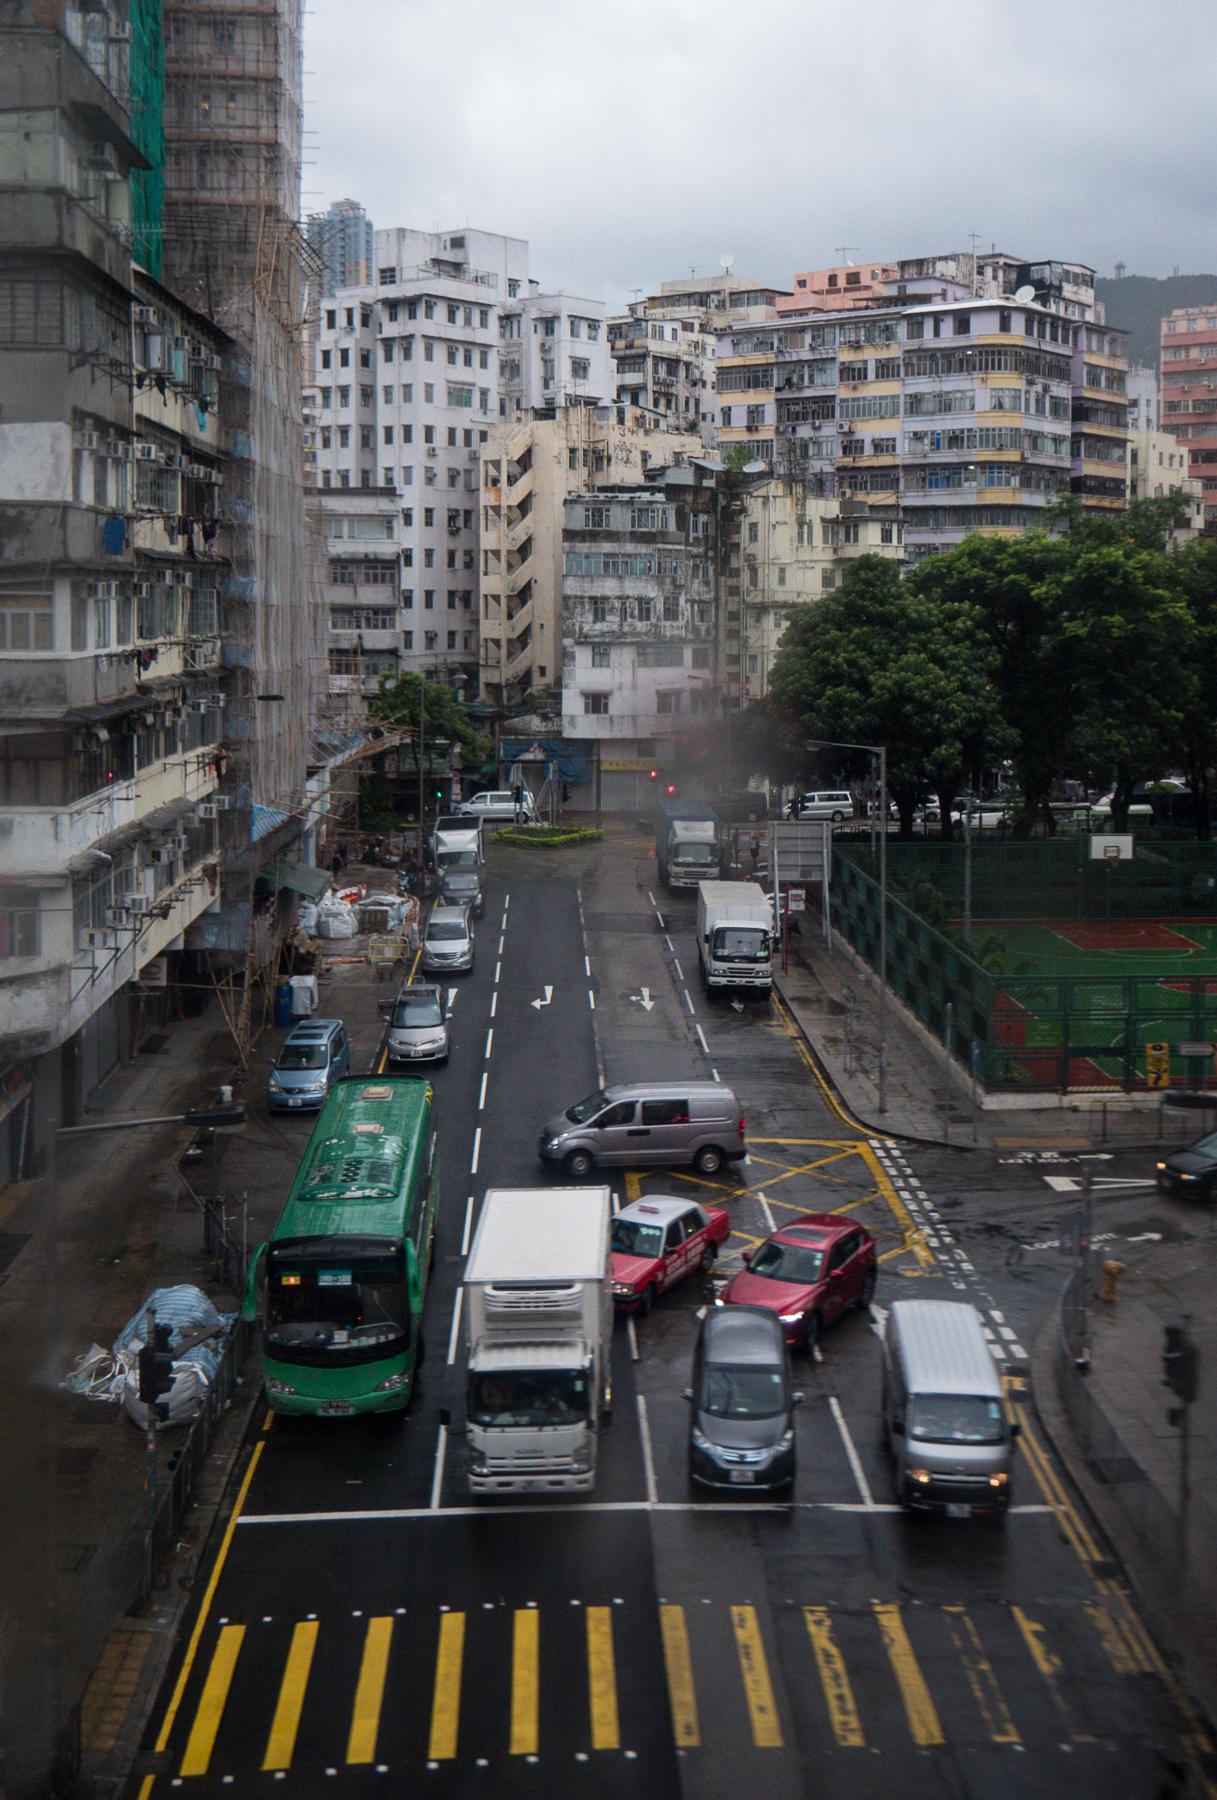 07-hongkong-8.jpg